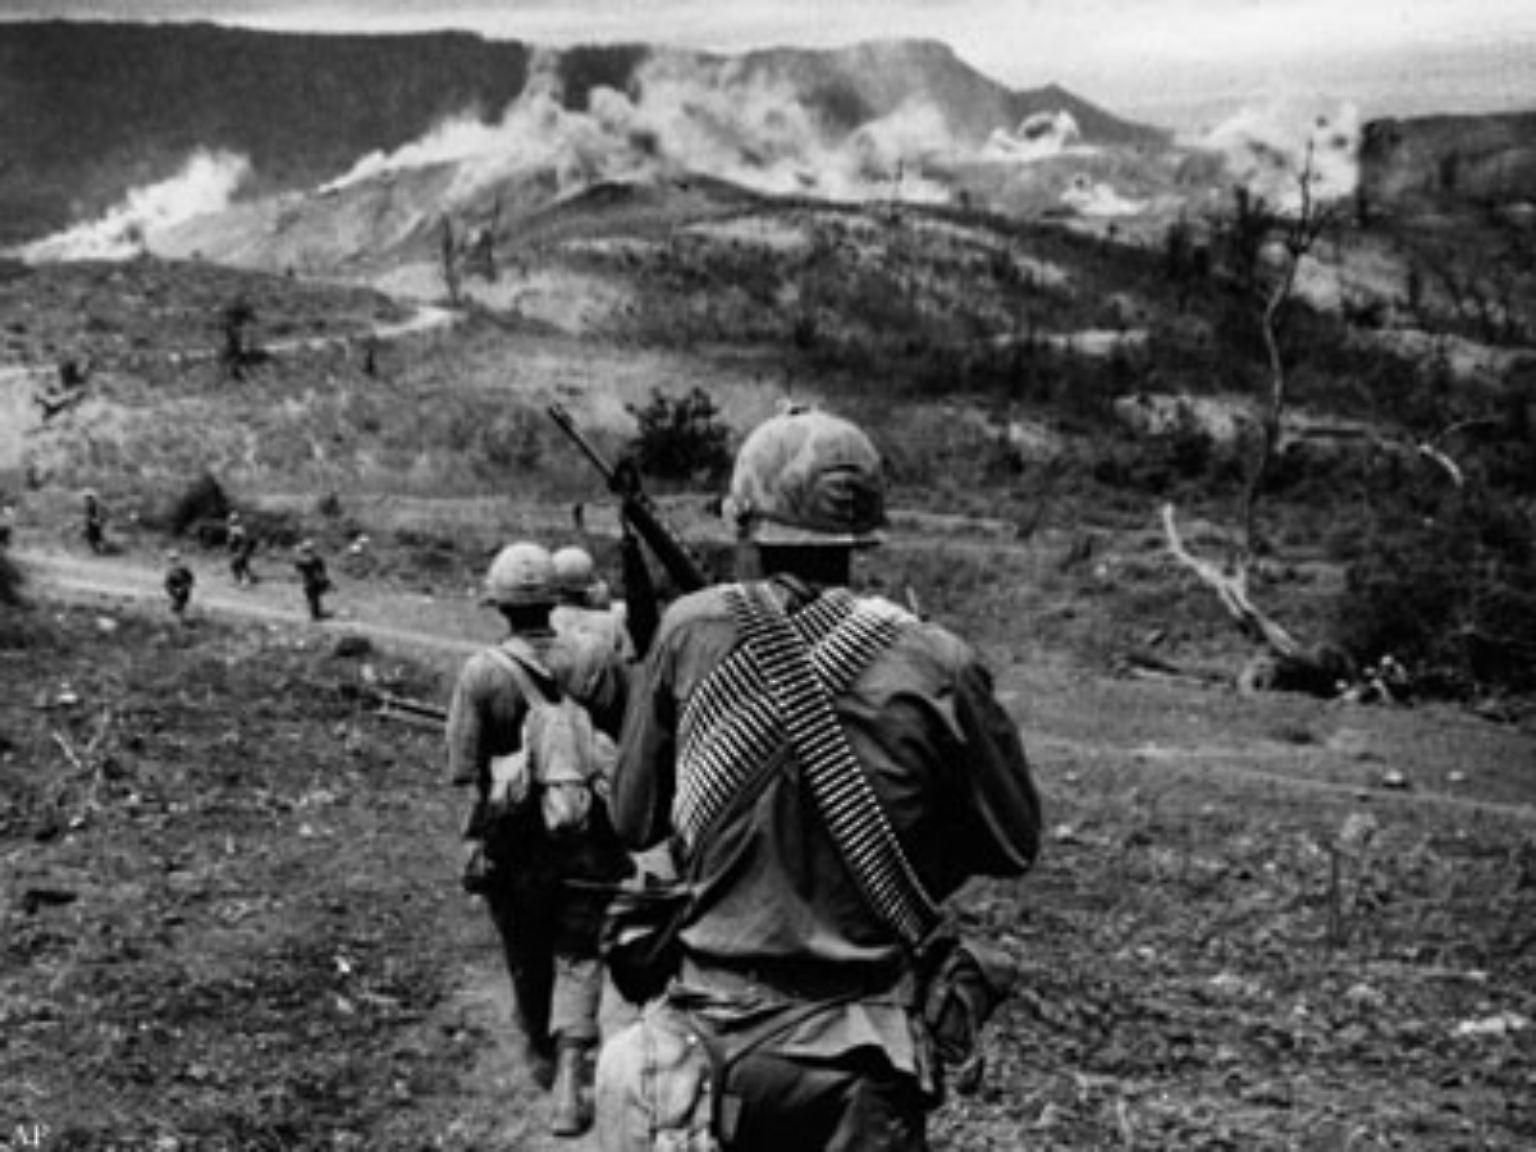 Die Soldaten der 11. US-Brigade kommen am Morgen und ihr Auftrag ist unmissverständlich: